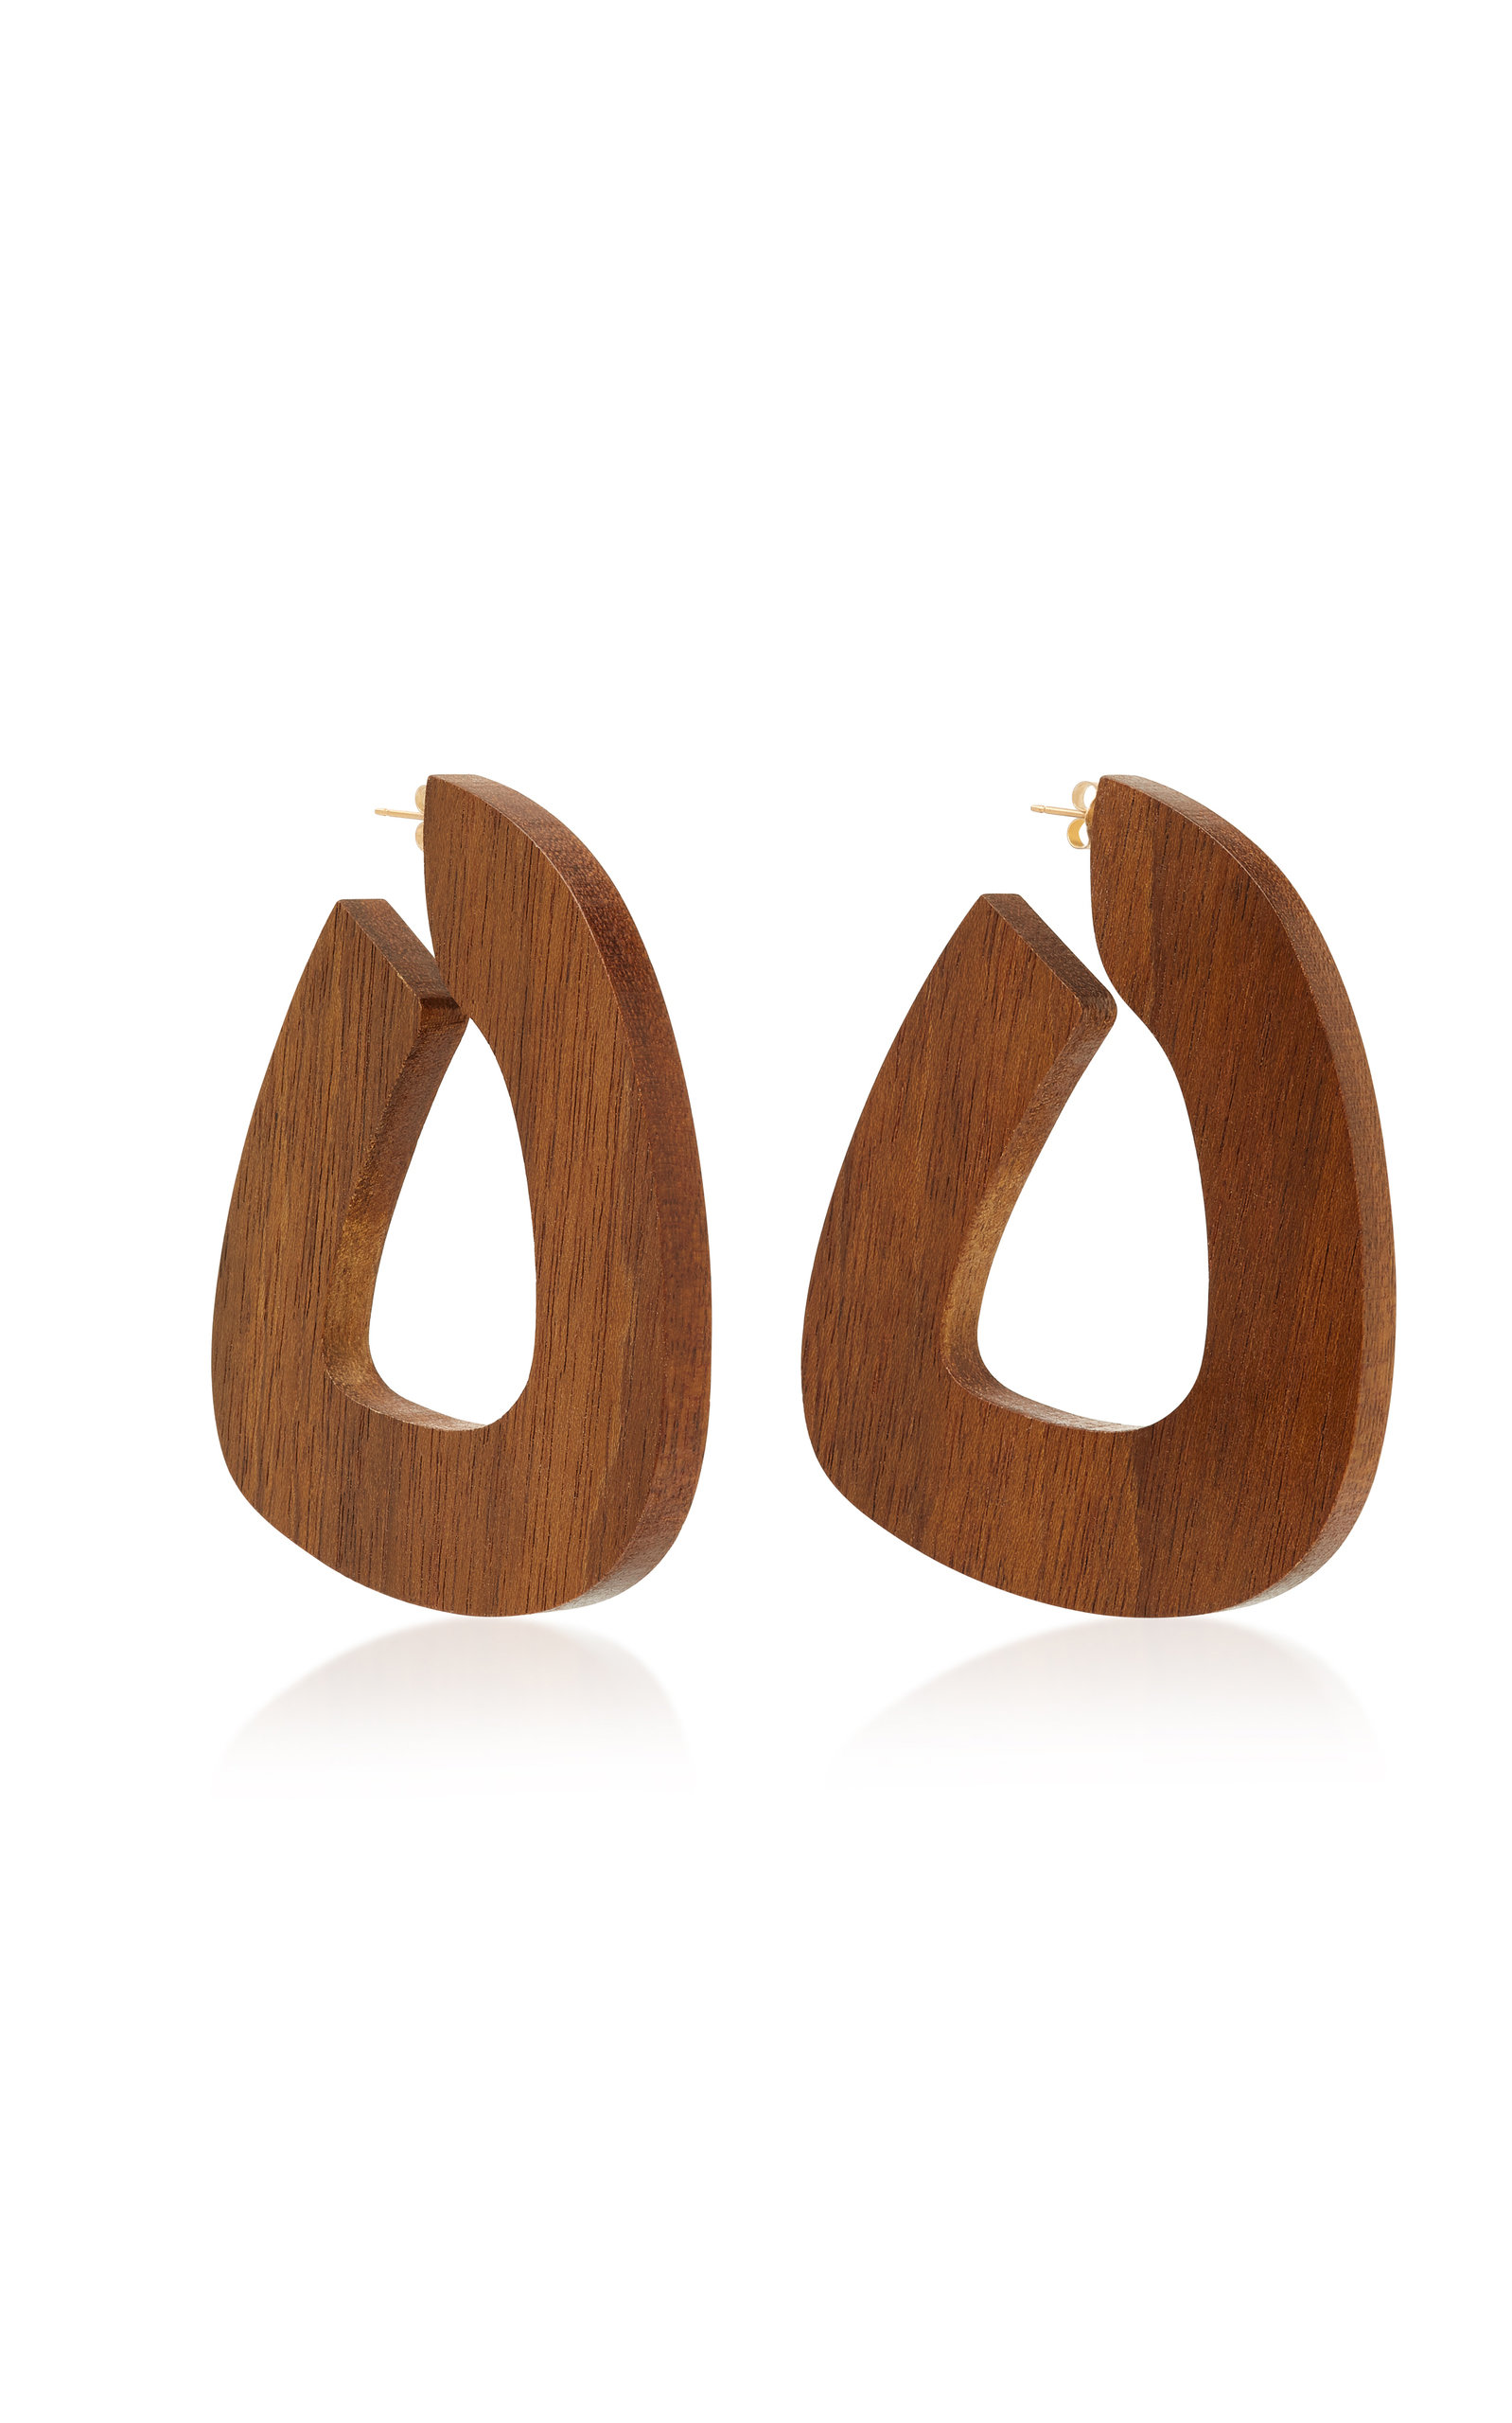 Bell Shedua Wood Earrings by Sophie Monet